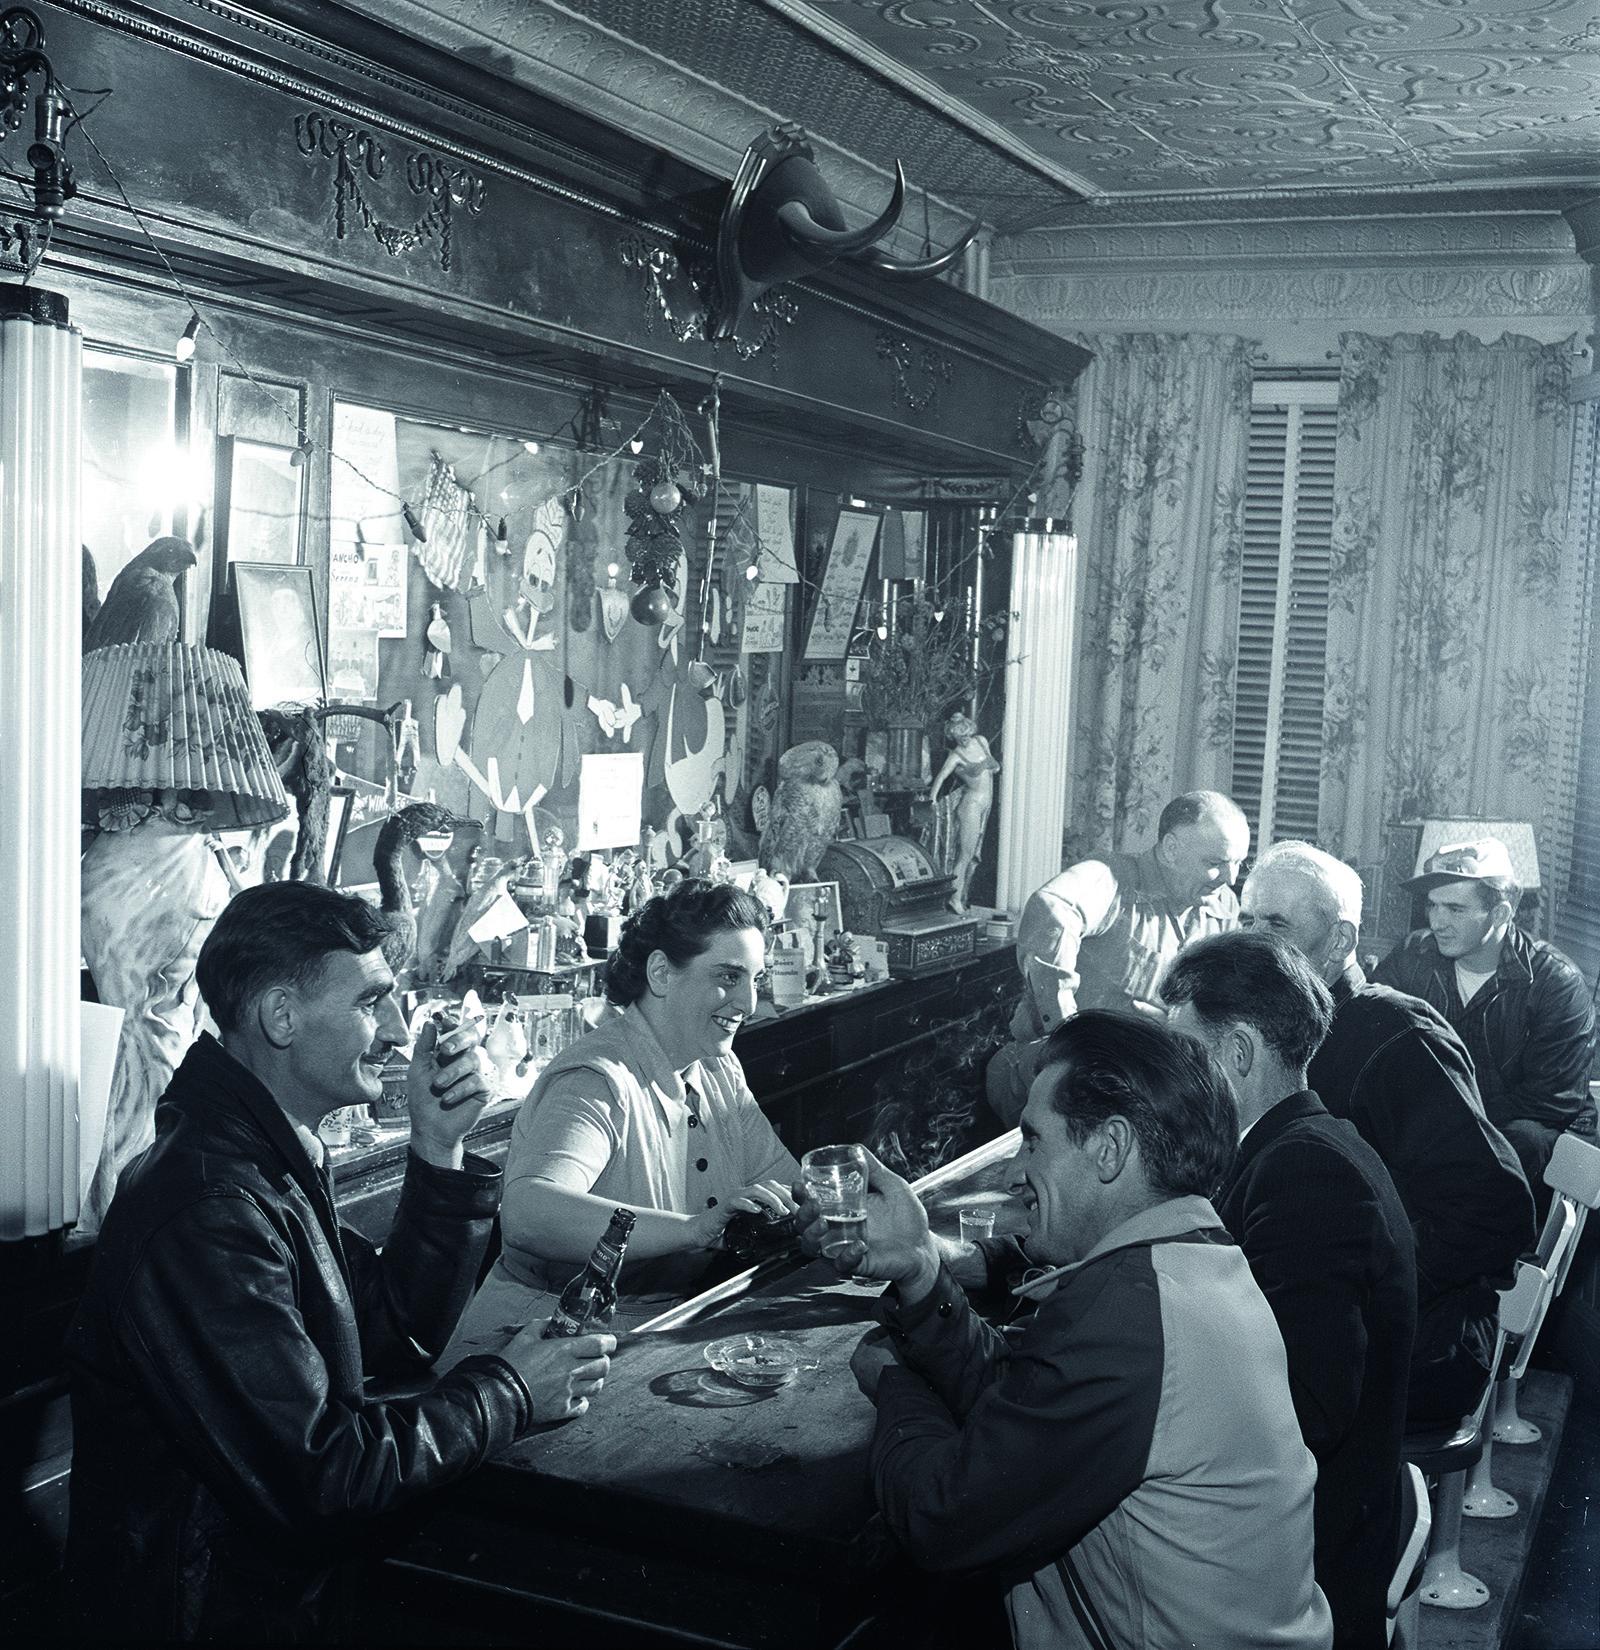 bar in Dawson, Yukon by George Hunter